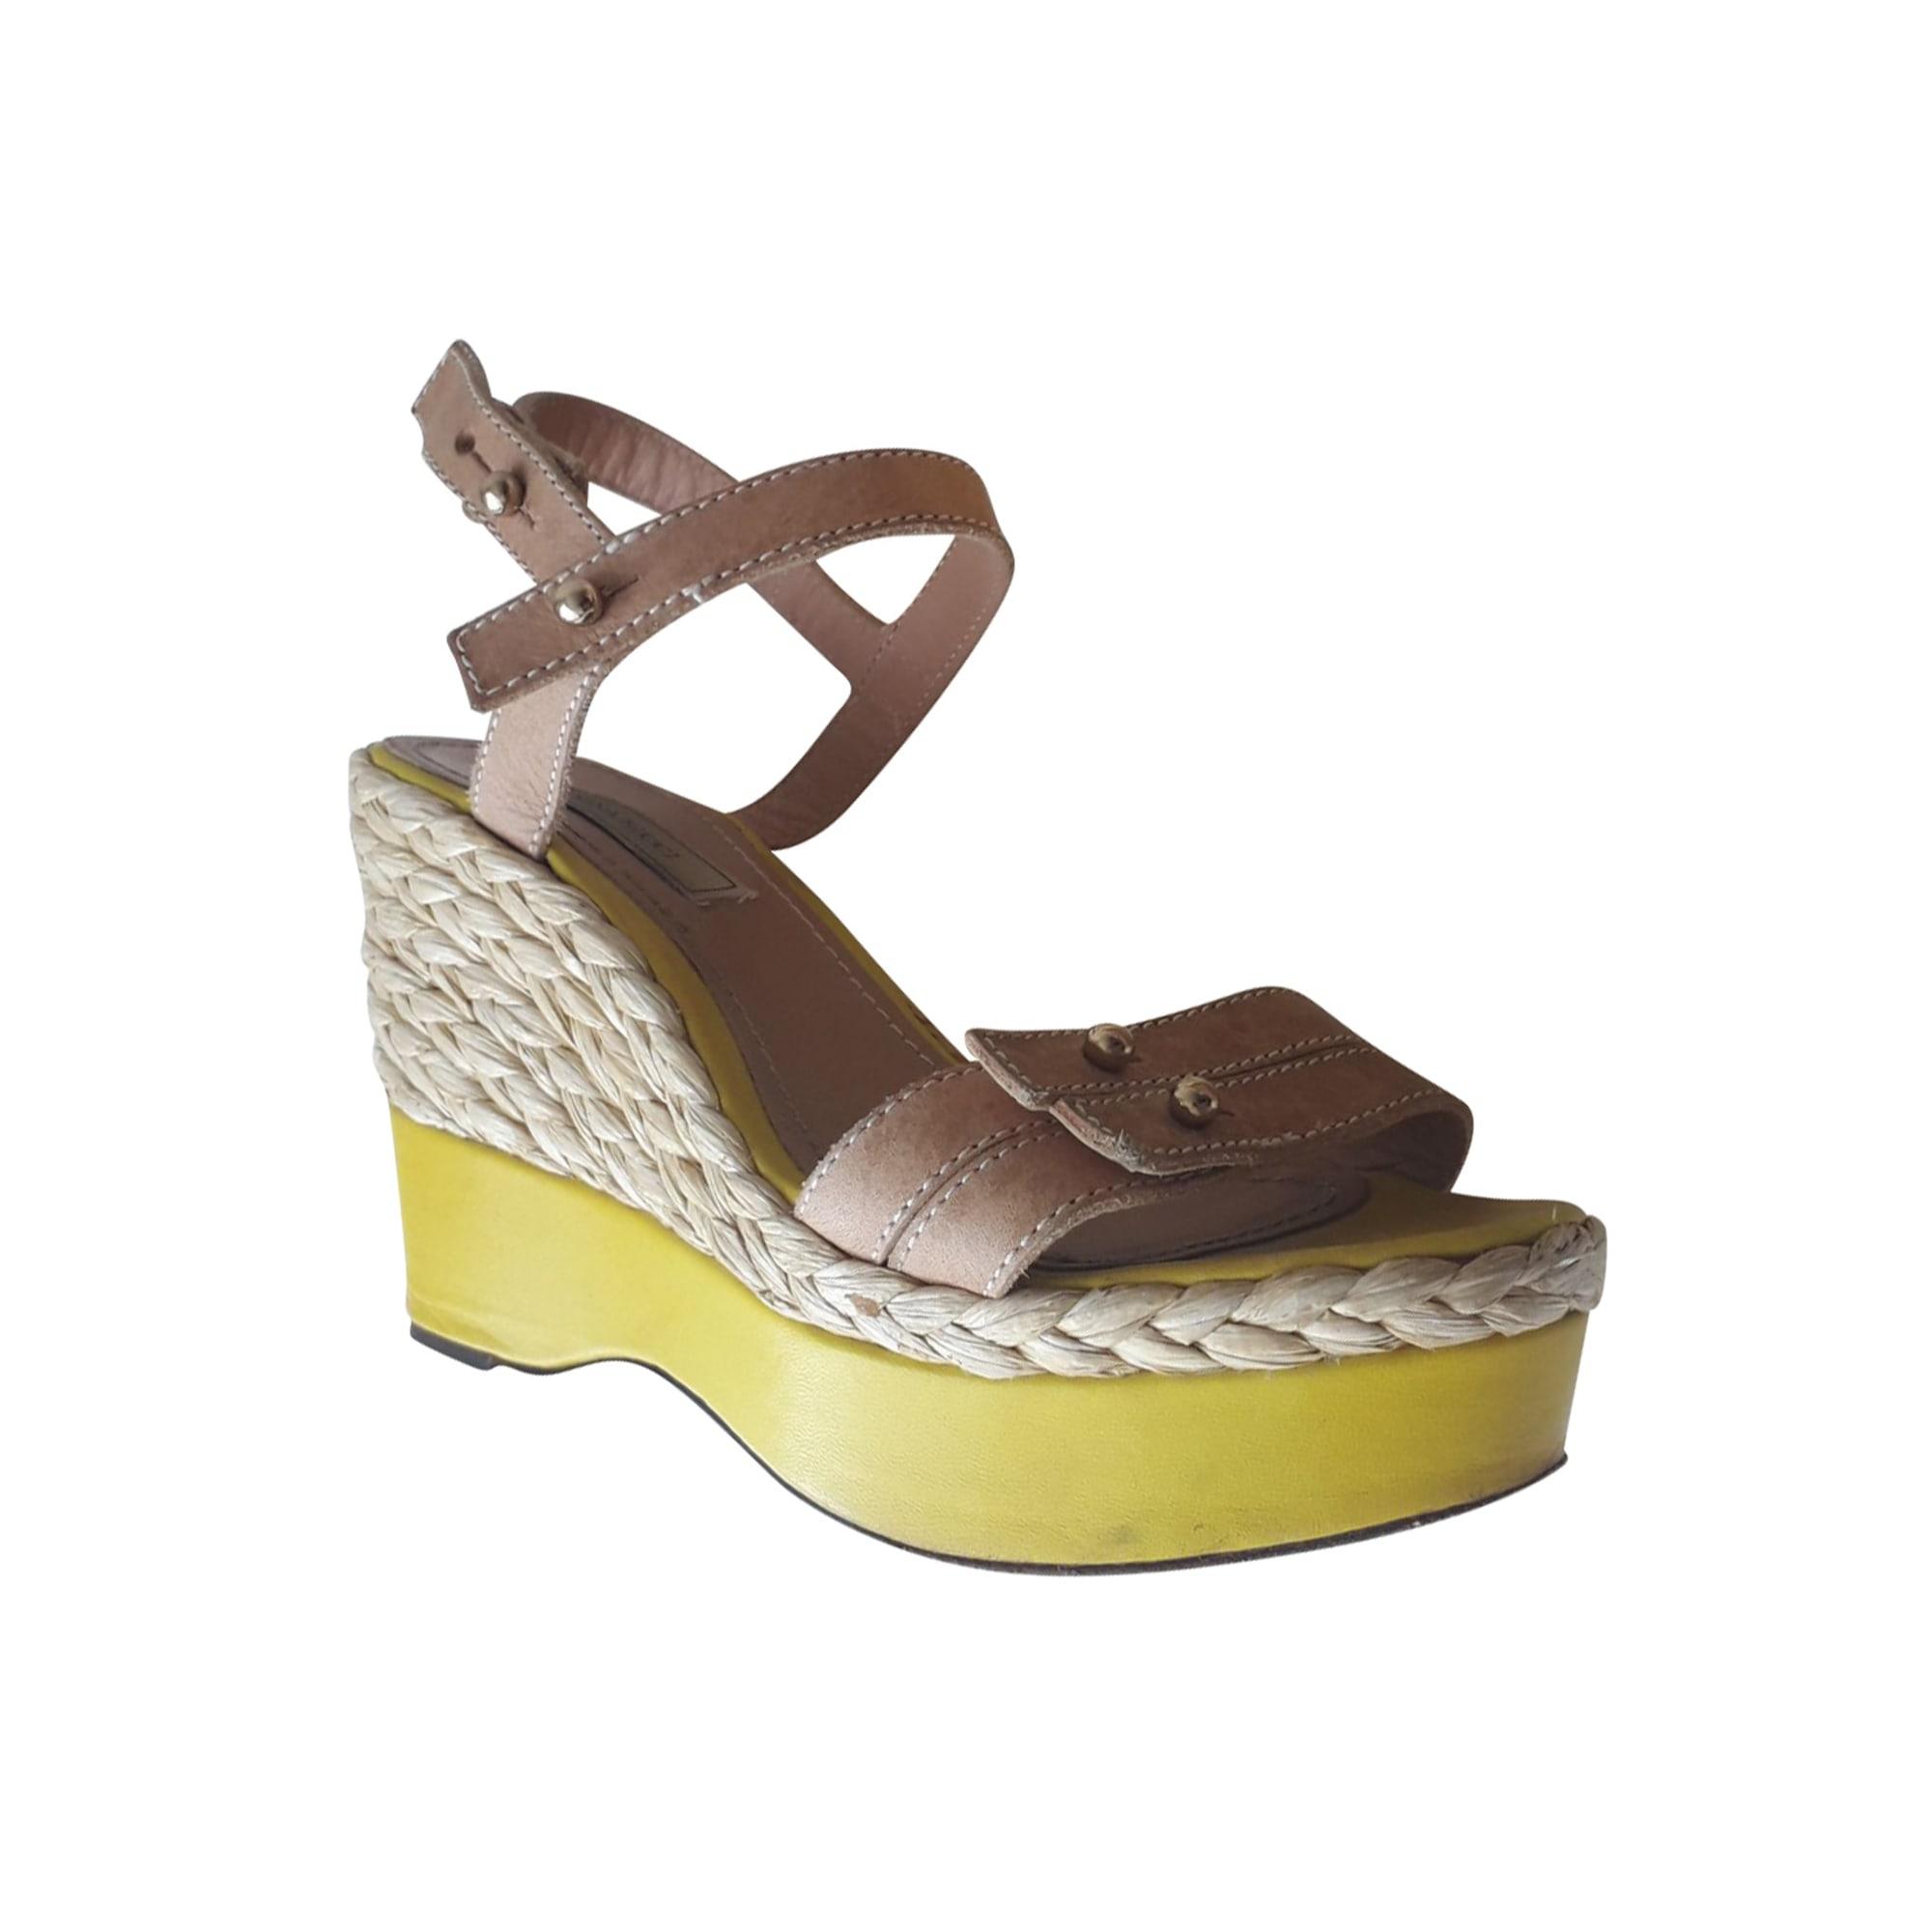 Sandales compensées NINA RICCI Jaune